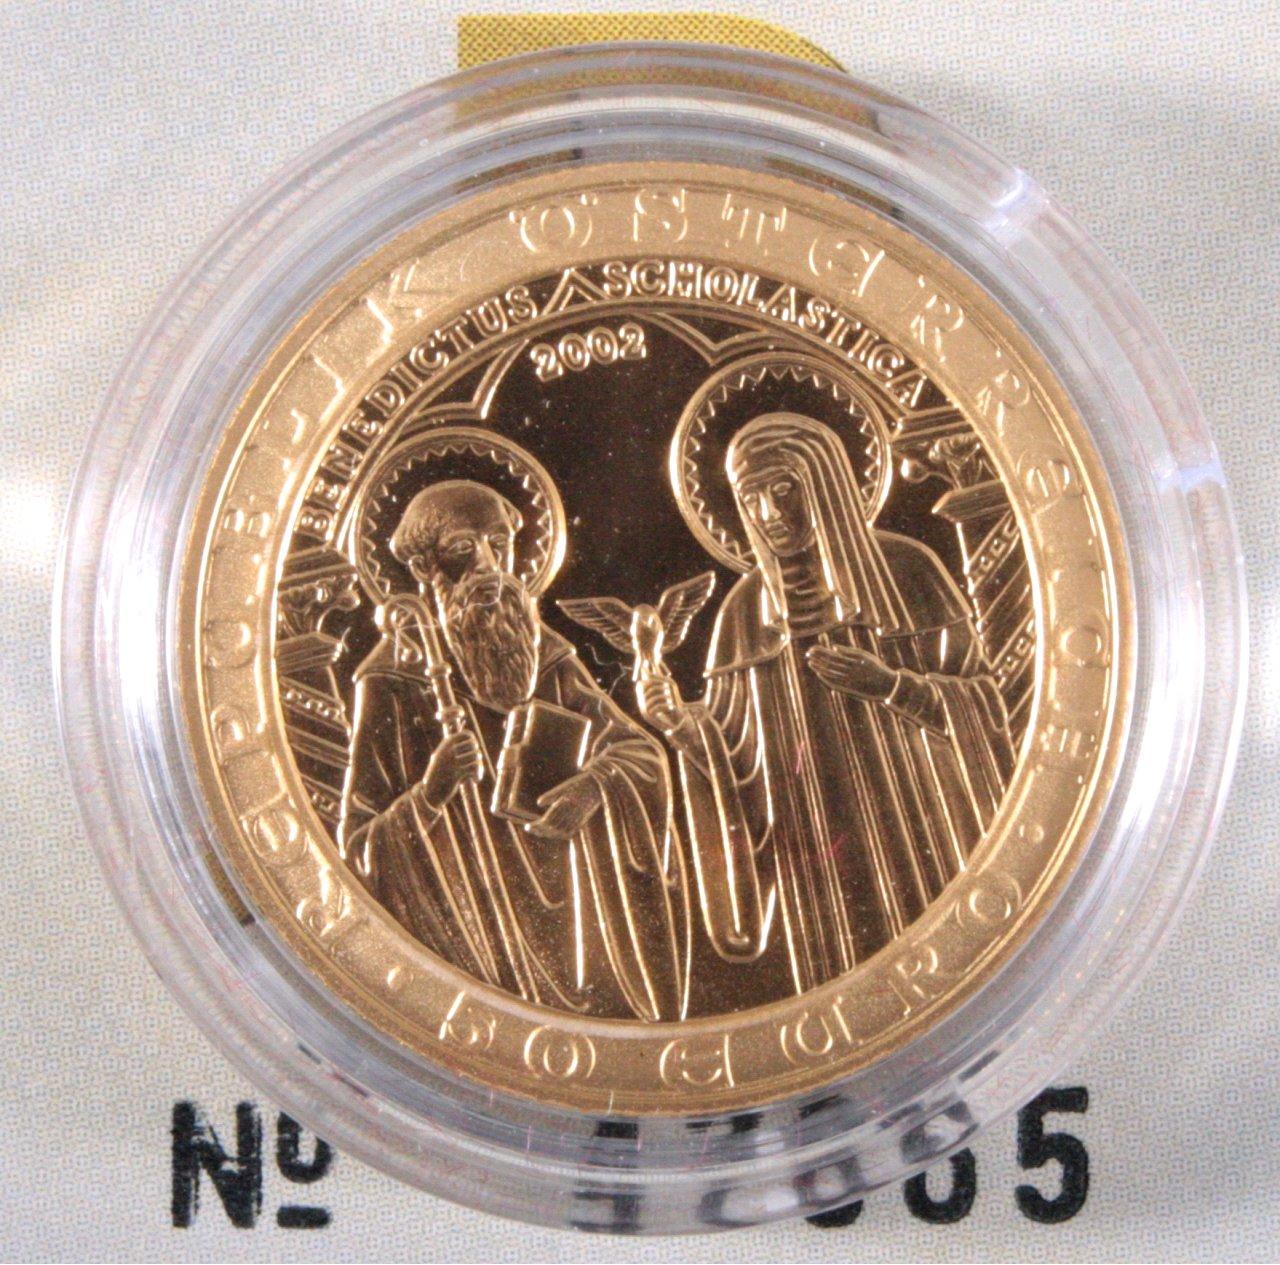 Goldmedaille Orden und die Welt 2002, Östereich